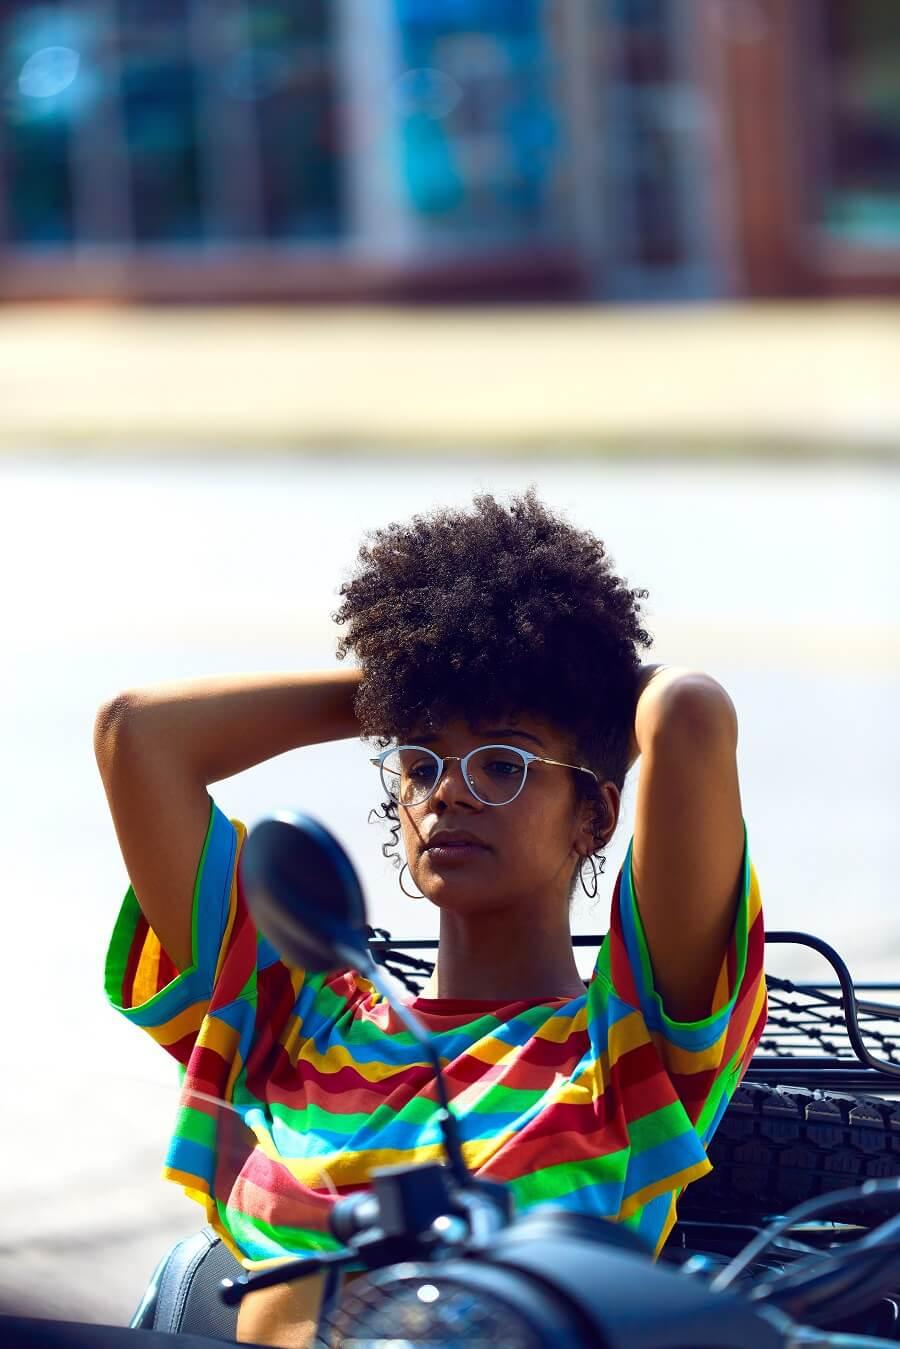 Femme avec un afro crépu